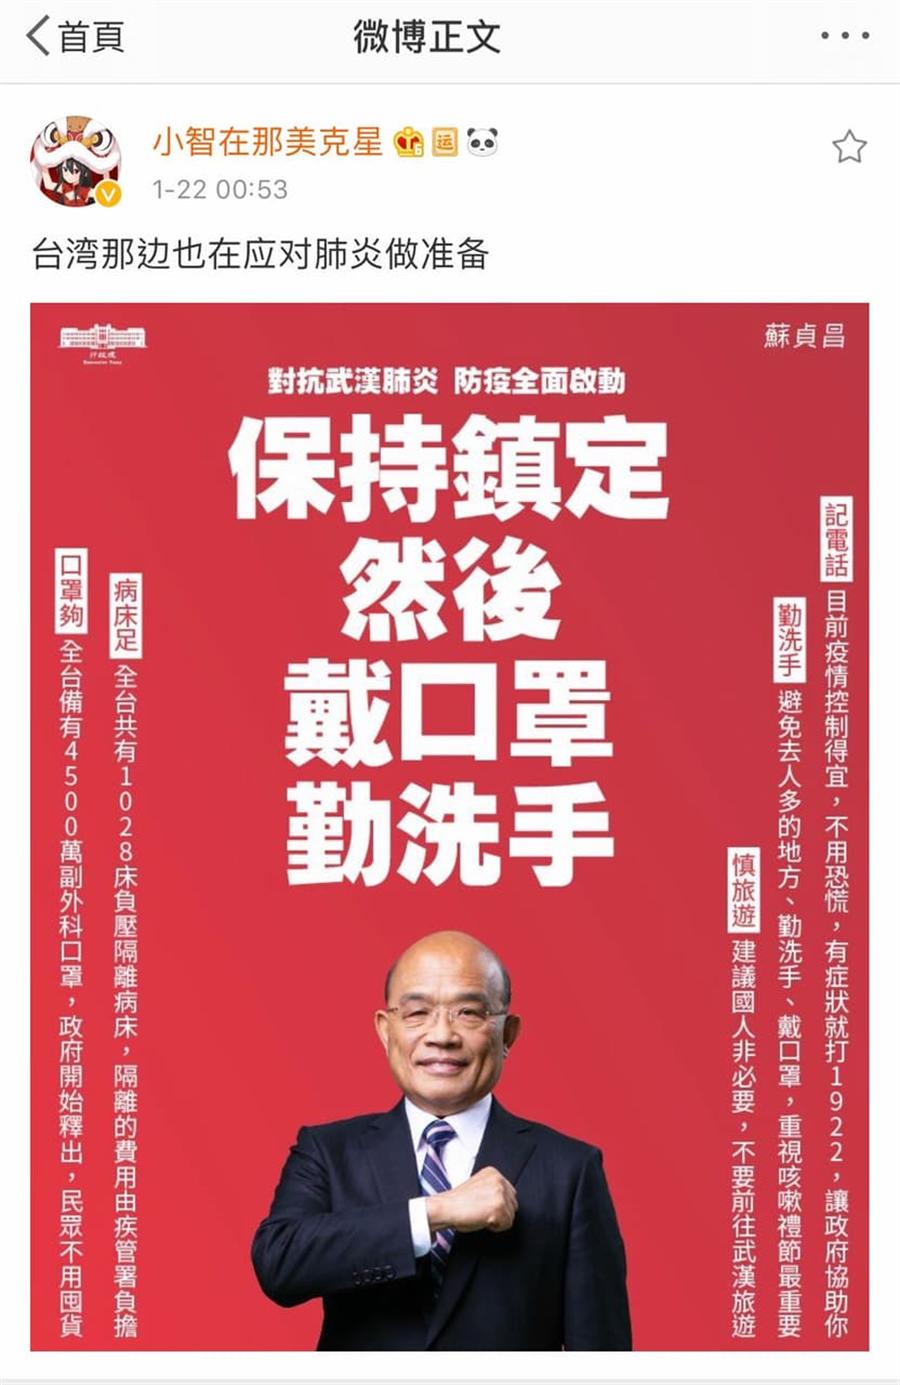 台灣網友轉傳大陸網友的貼文。(摘自《Dcard》)